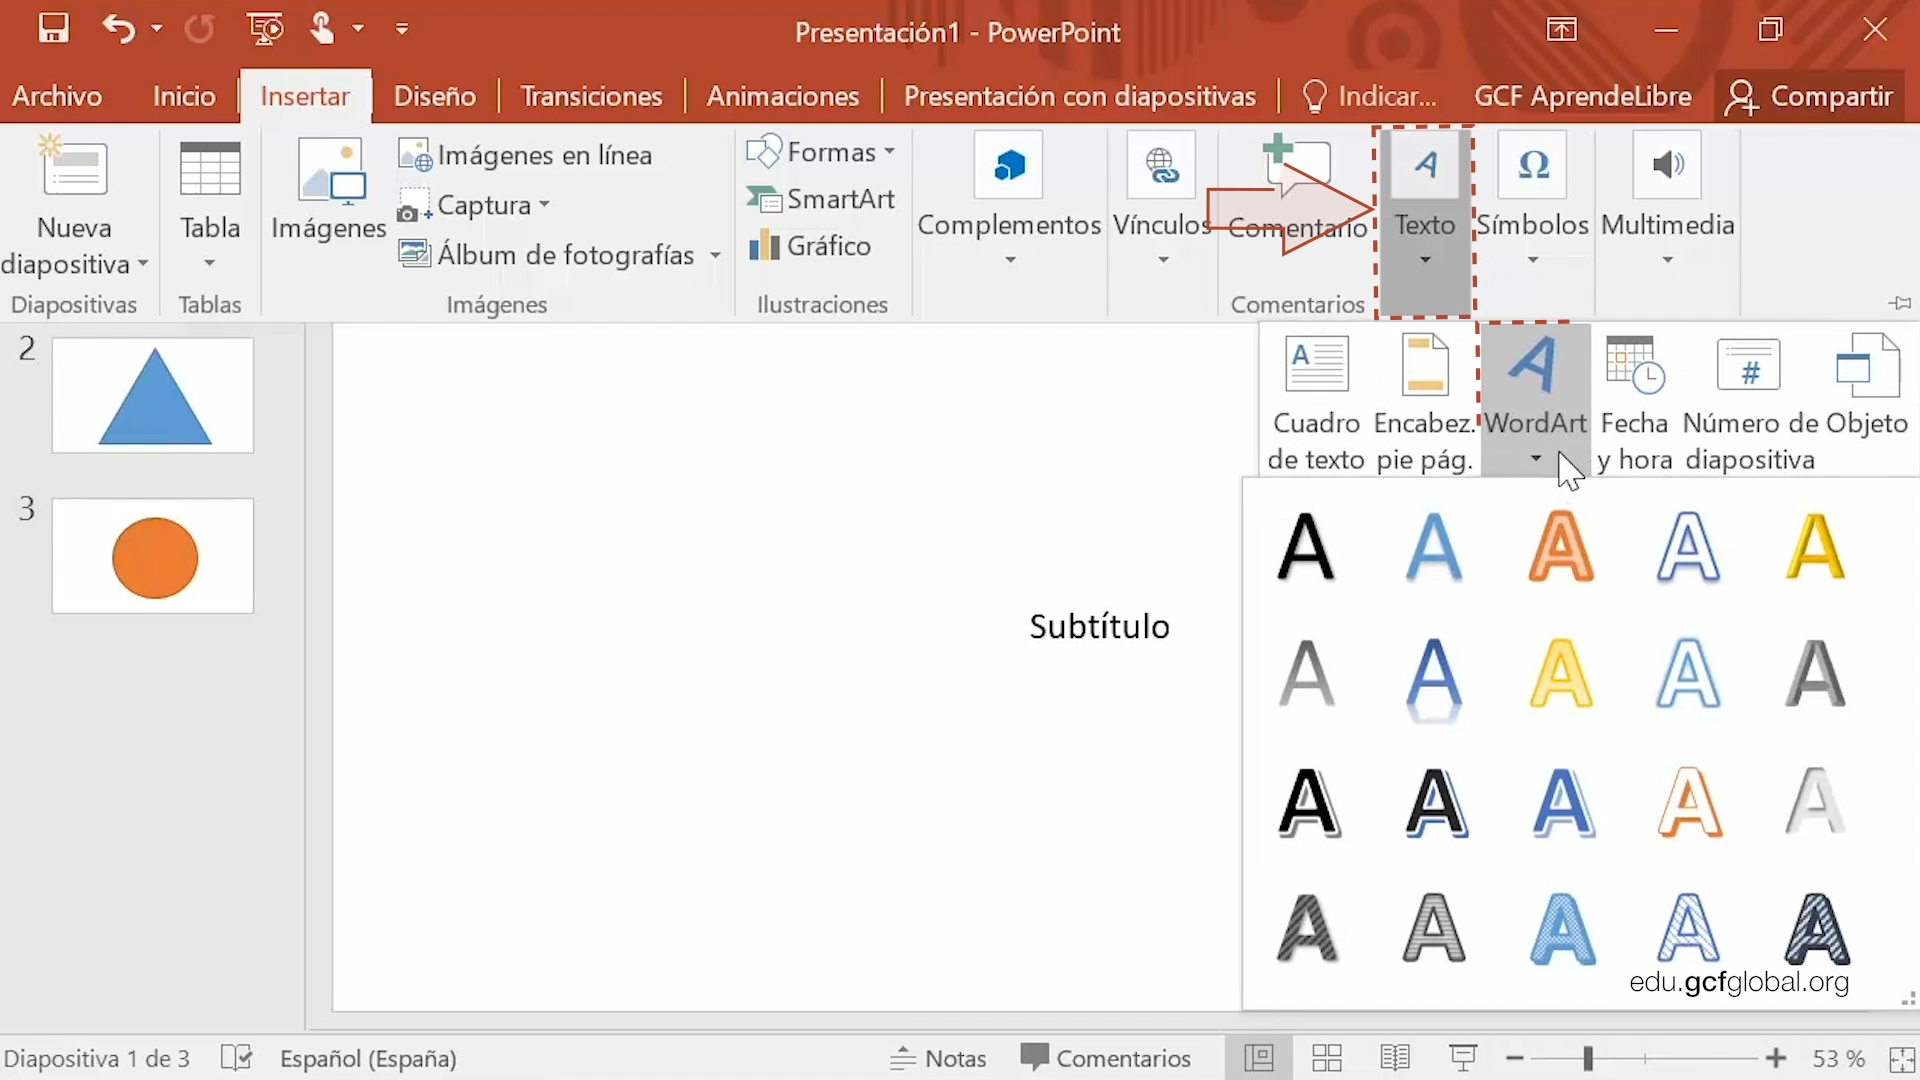 Imagen de Powerpoint seleccionando la opción WordArt.